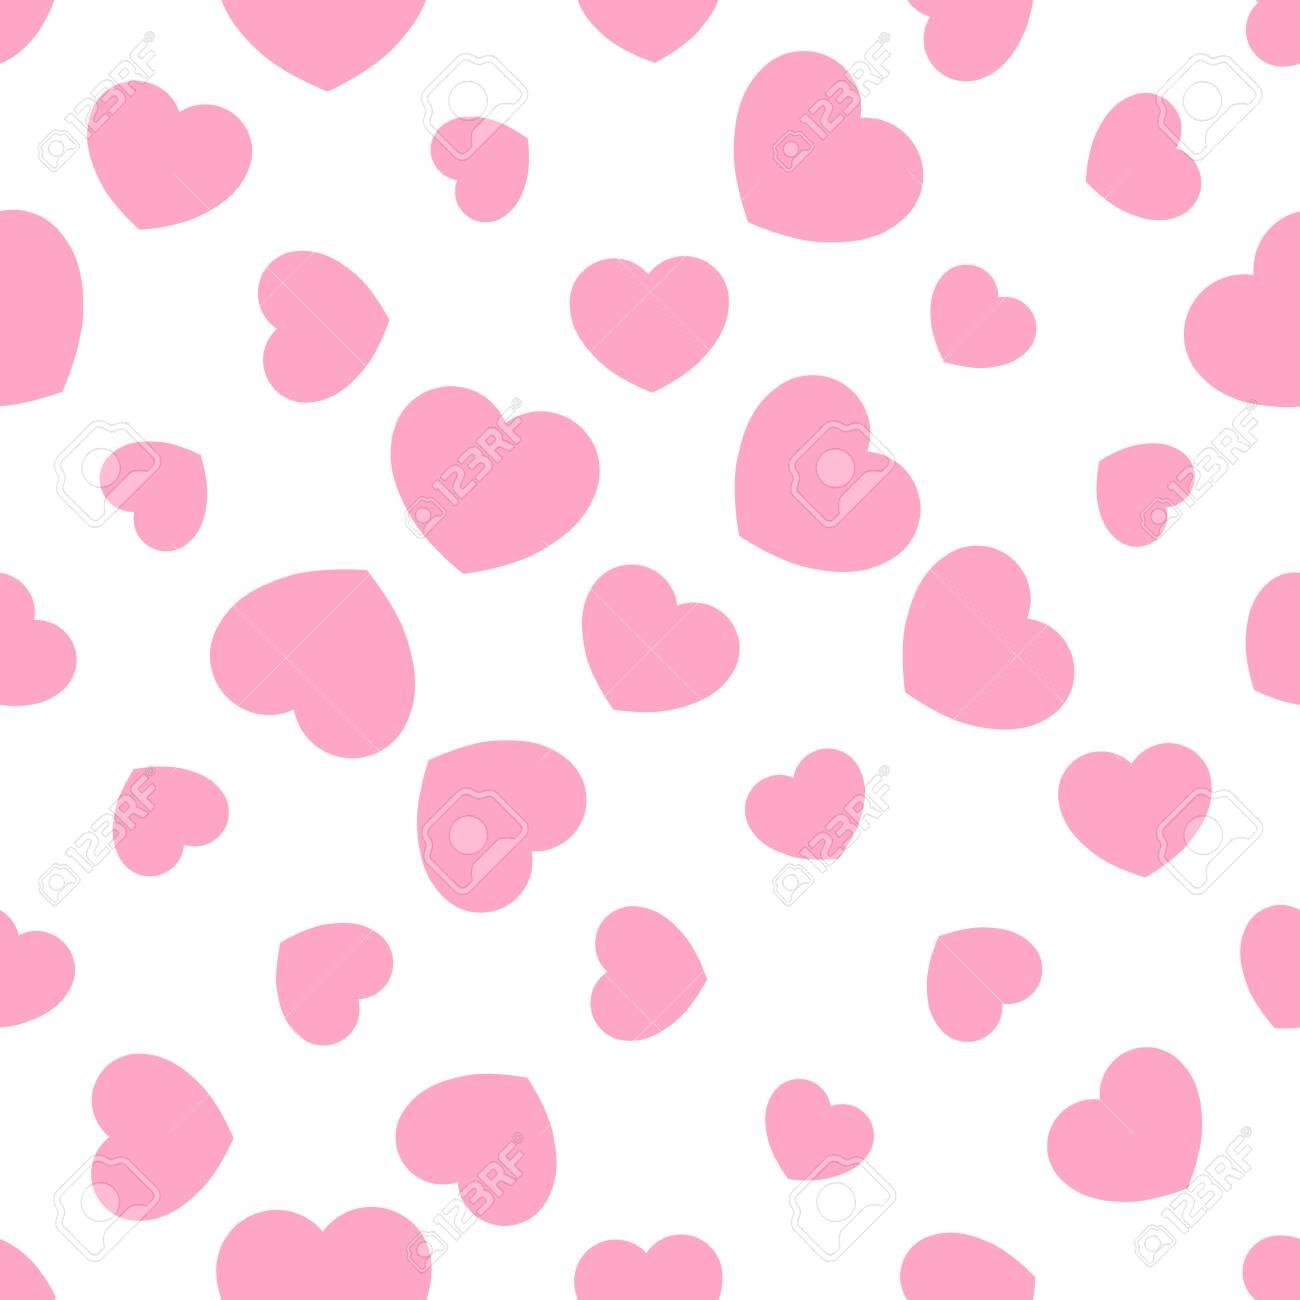 6100 Wallpapers Cute Romantic Gratis Terbaru